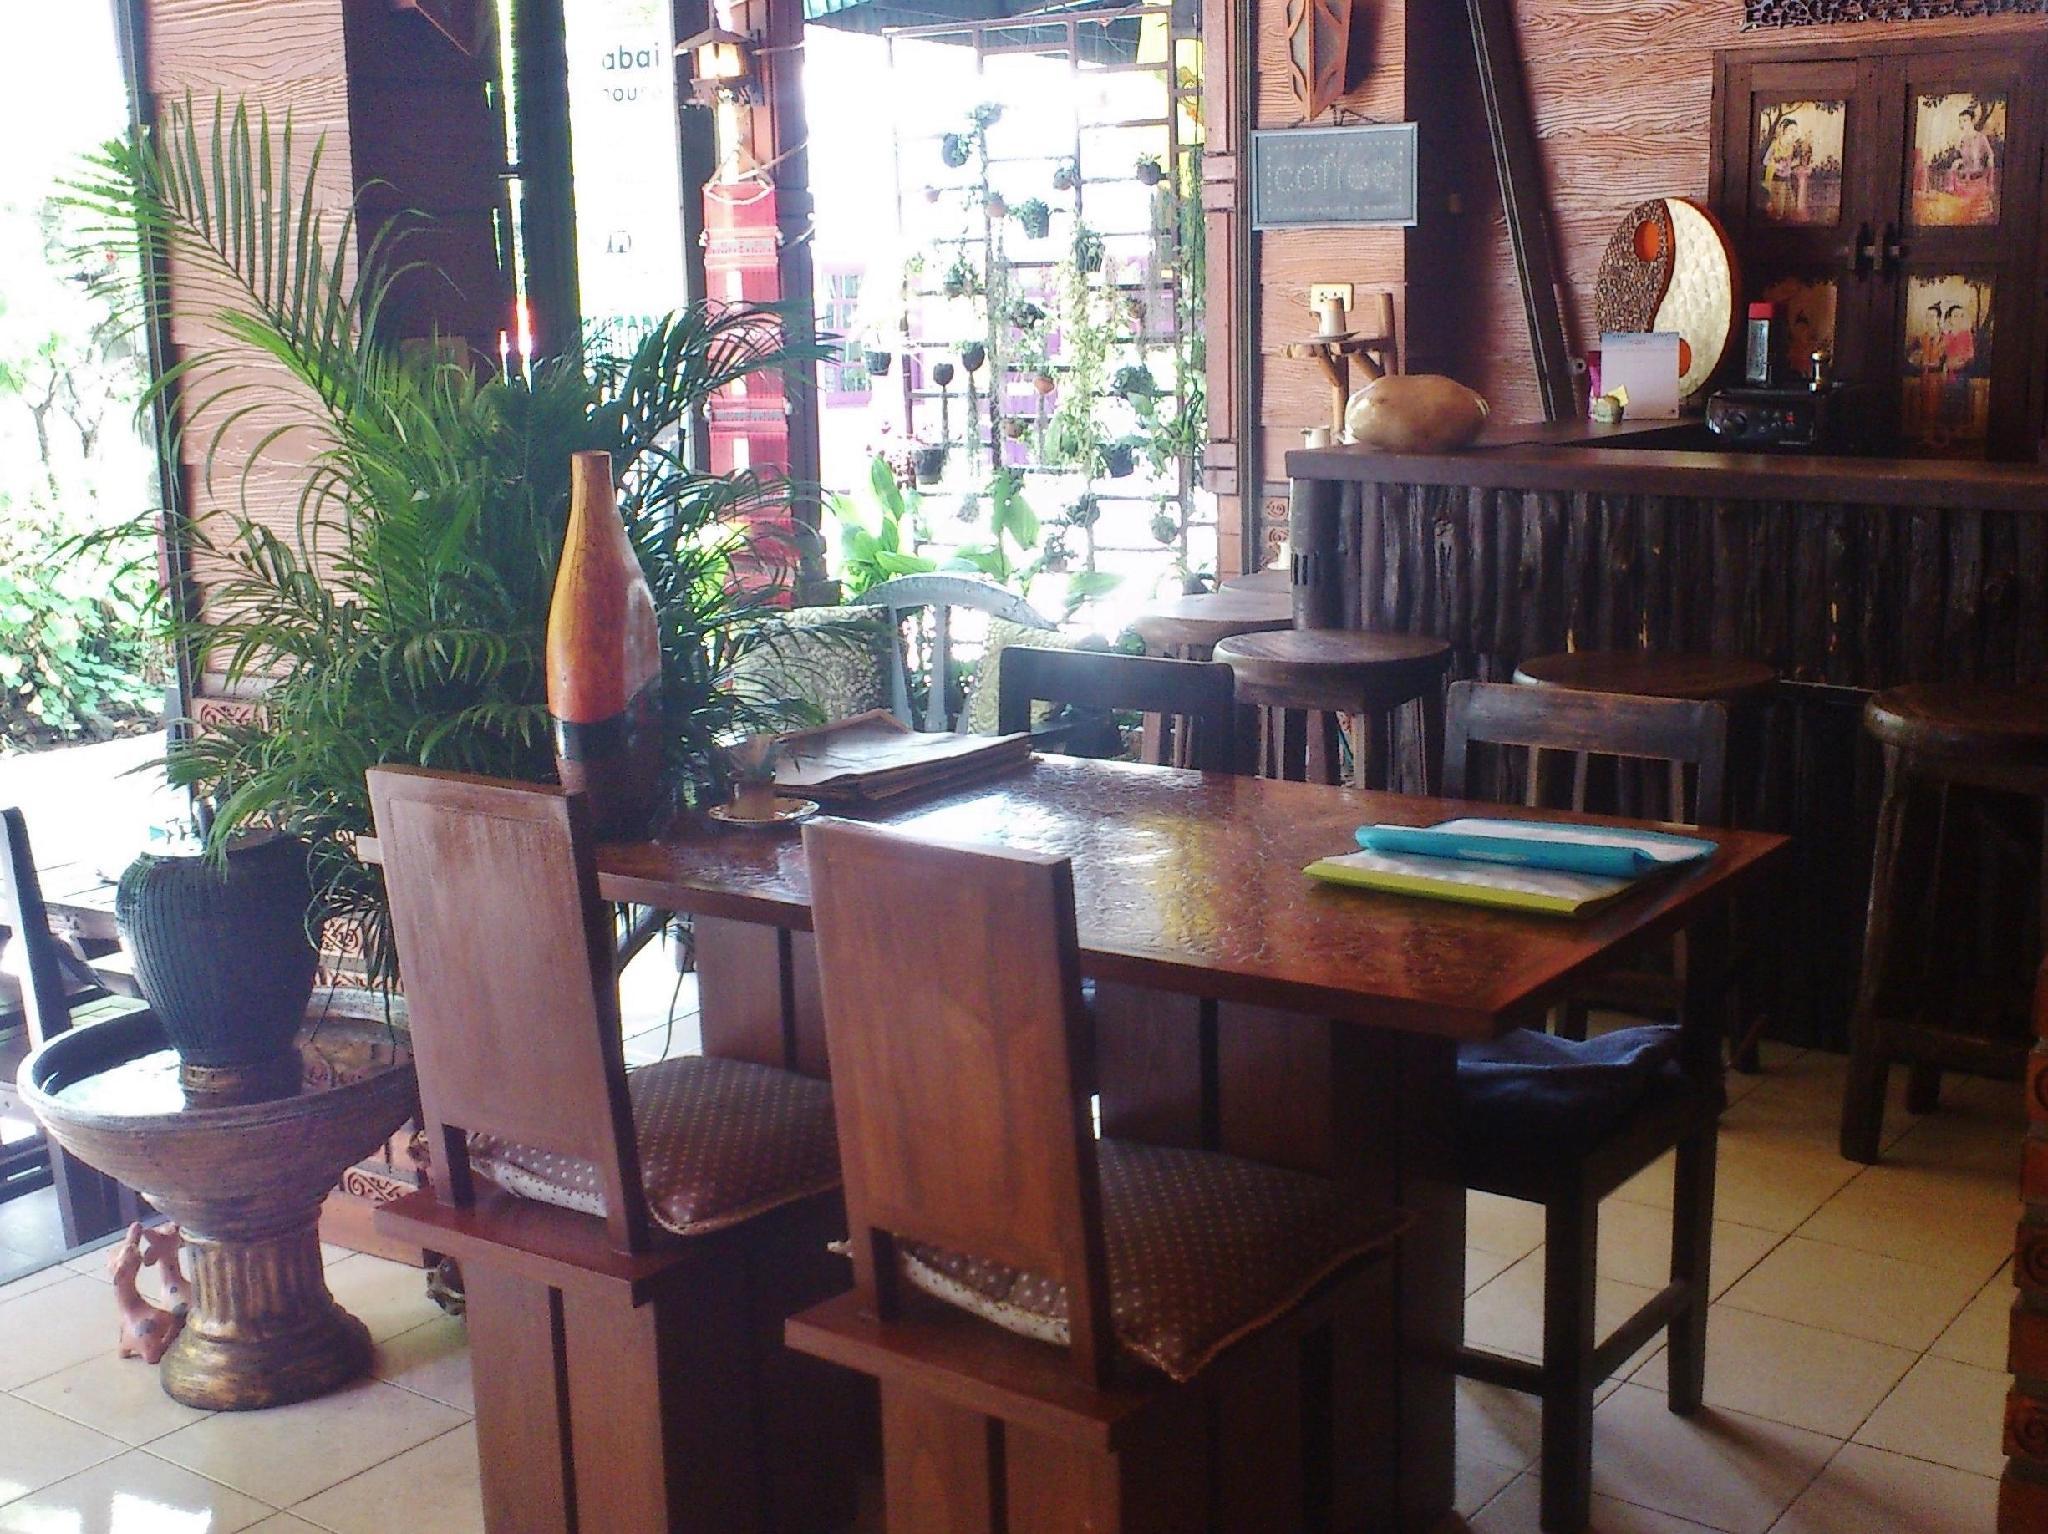 ดีลพิเศษ ซอยสบาย เกสต์เฮาส์ (Soi Sabai Guesthouse) Pantip